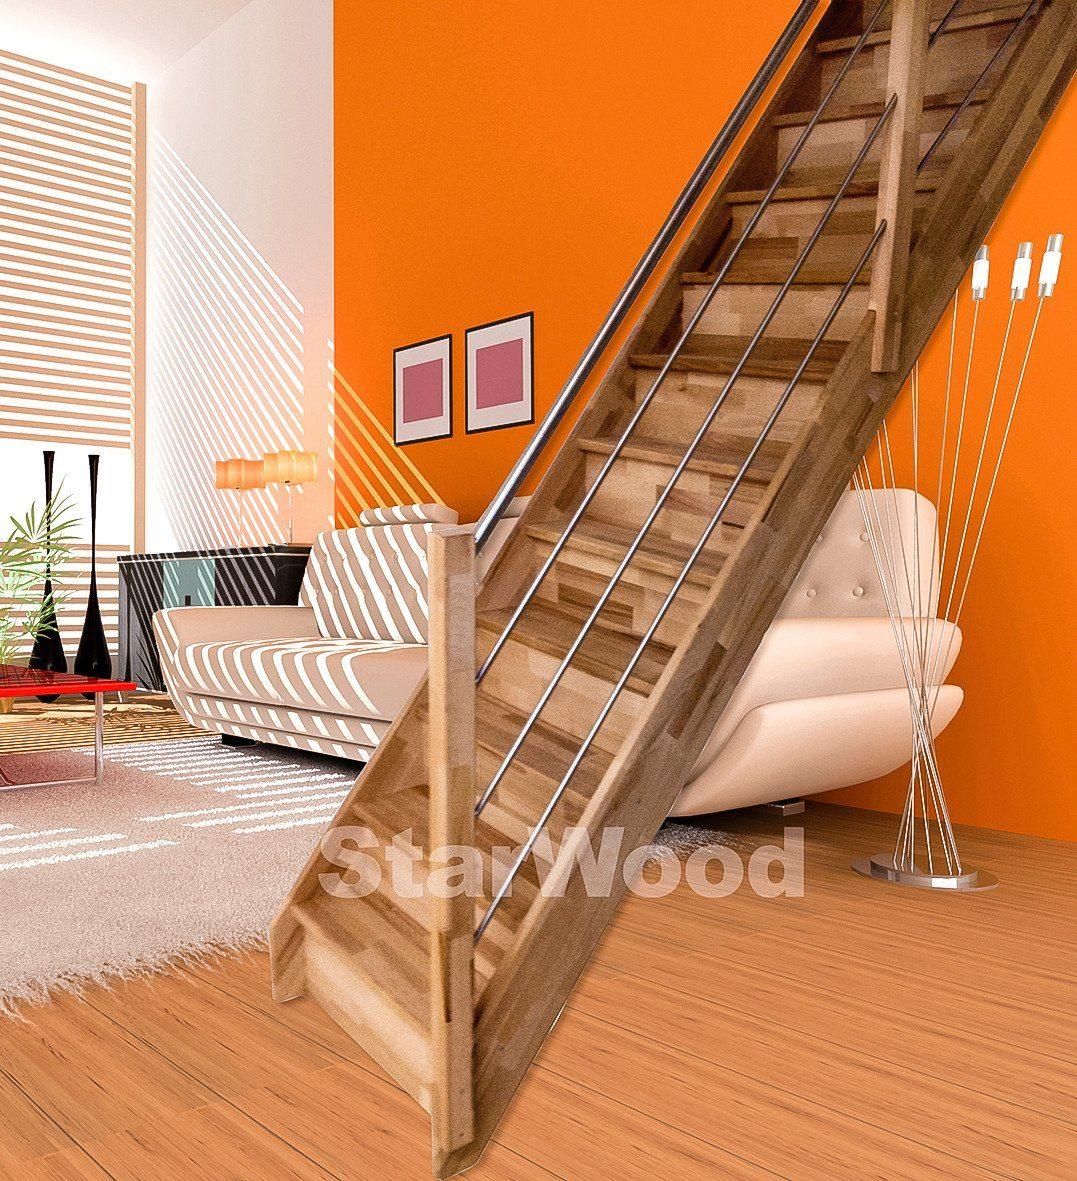 STARWOOD Raumspartreppe »Rhodos«, geschl. Stufen, gerade, Holz-Edelstahlgeländer rechts